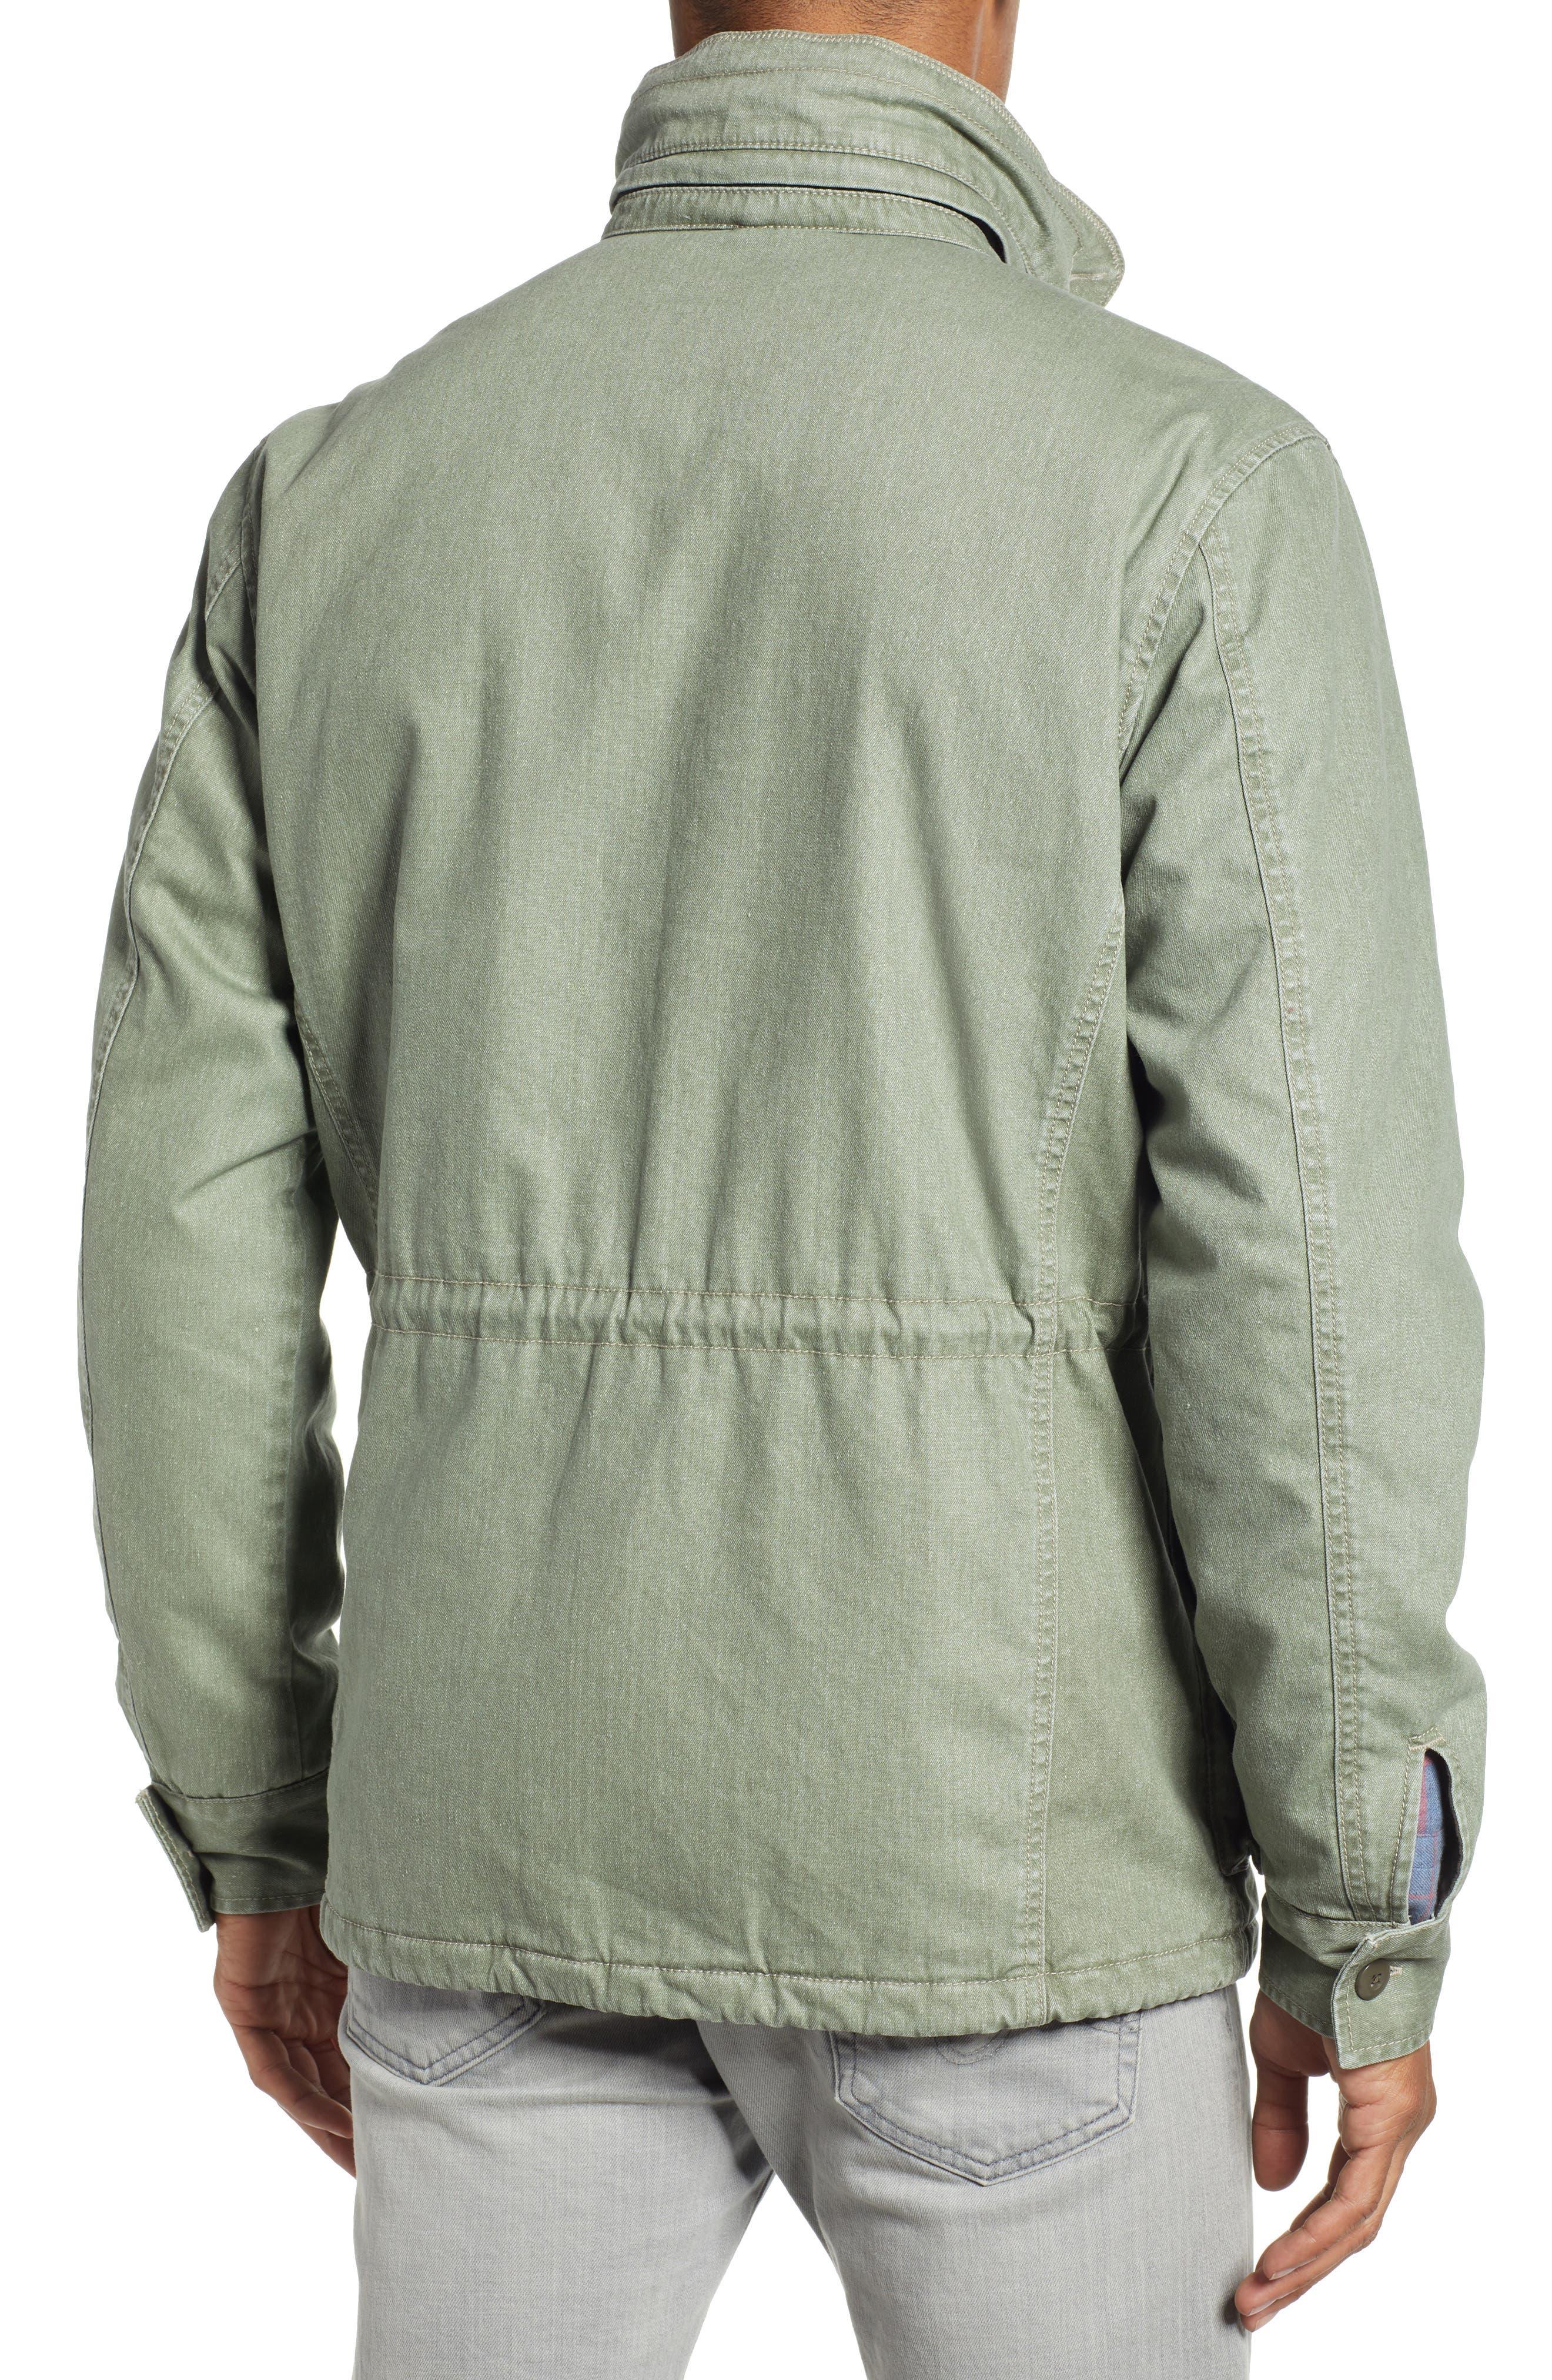 Vintage M-65 Jacket,                             Alternate thumbnail 2, color,                             OLIVE